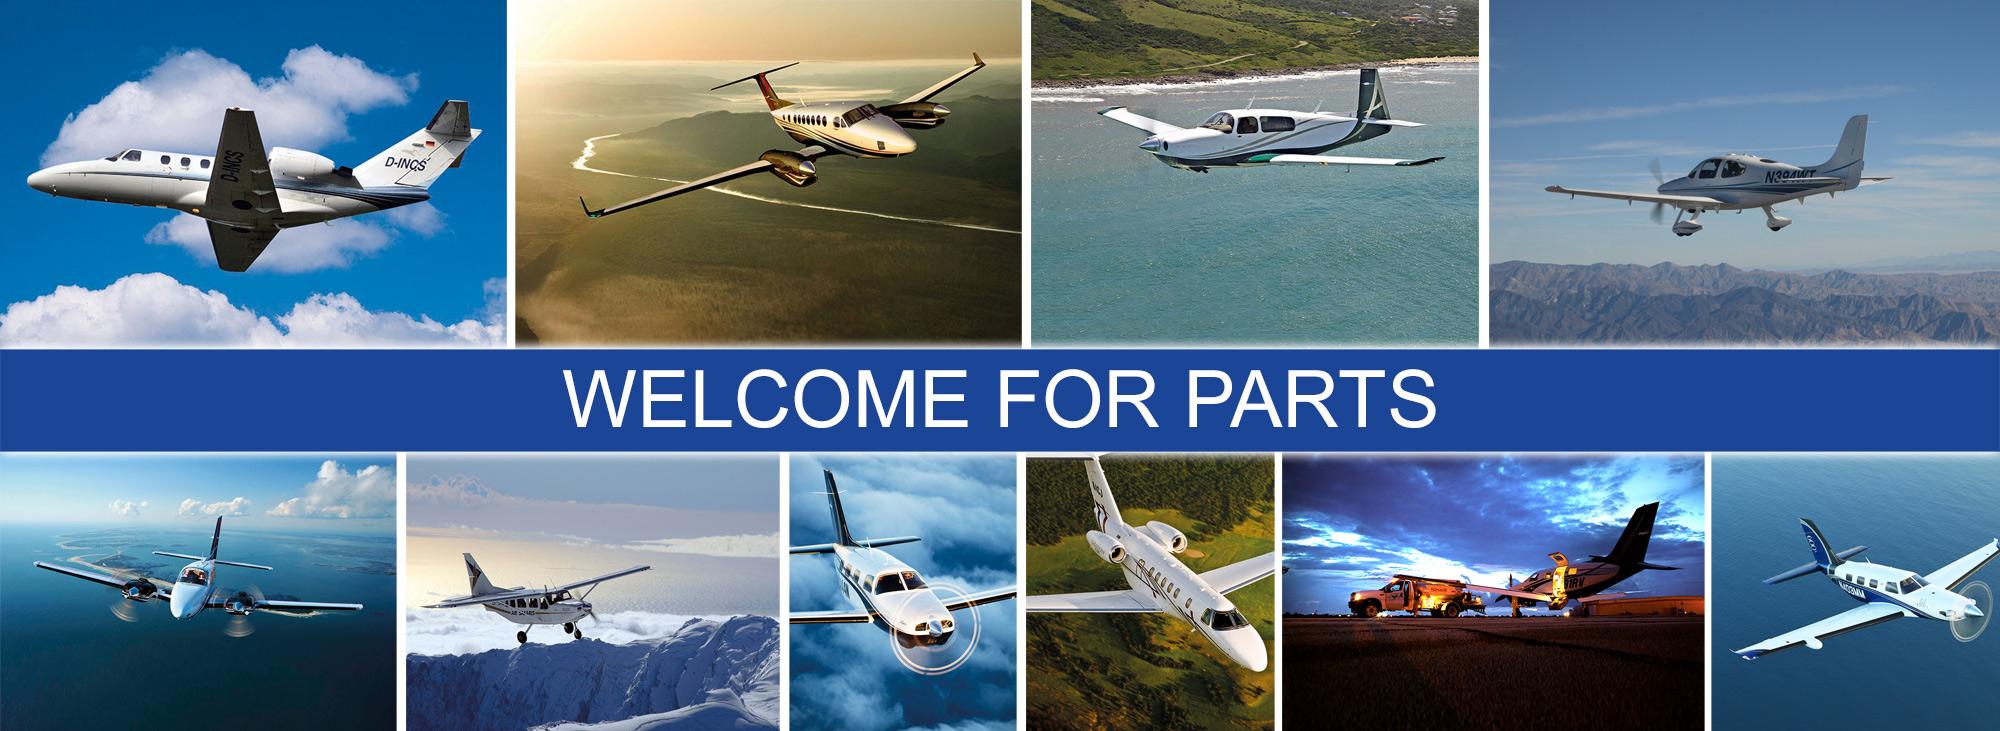 Bienvenido a GlobalAviation24.com!